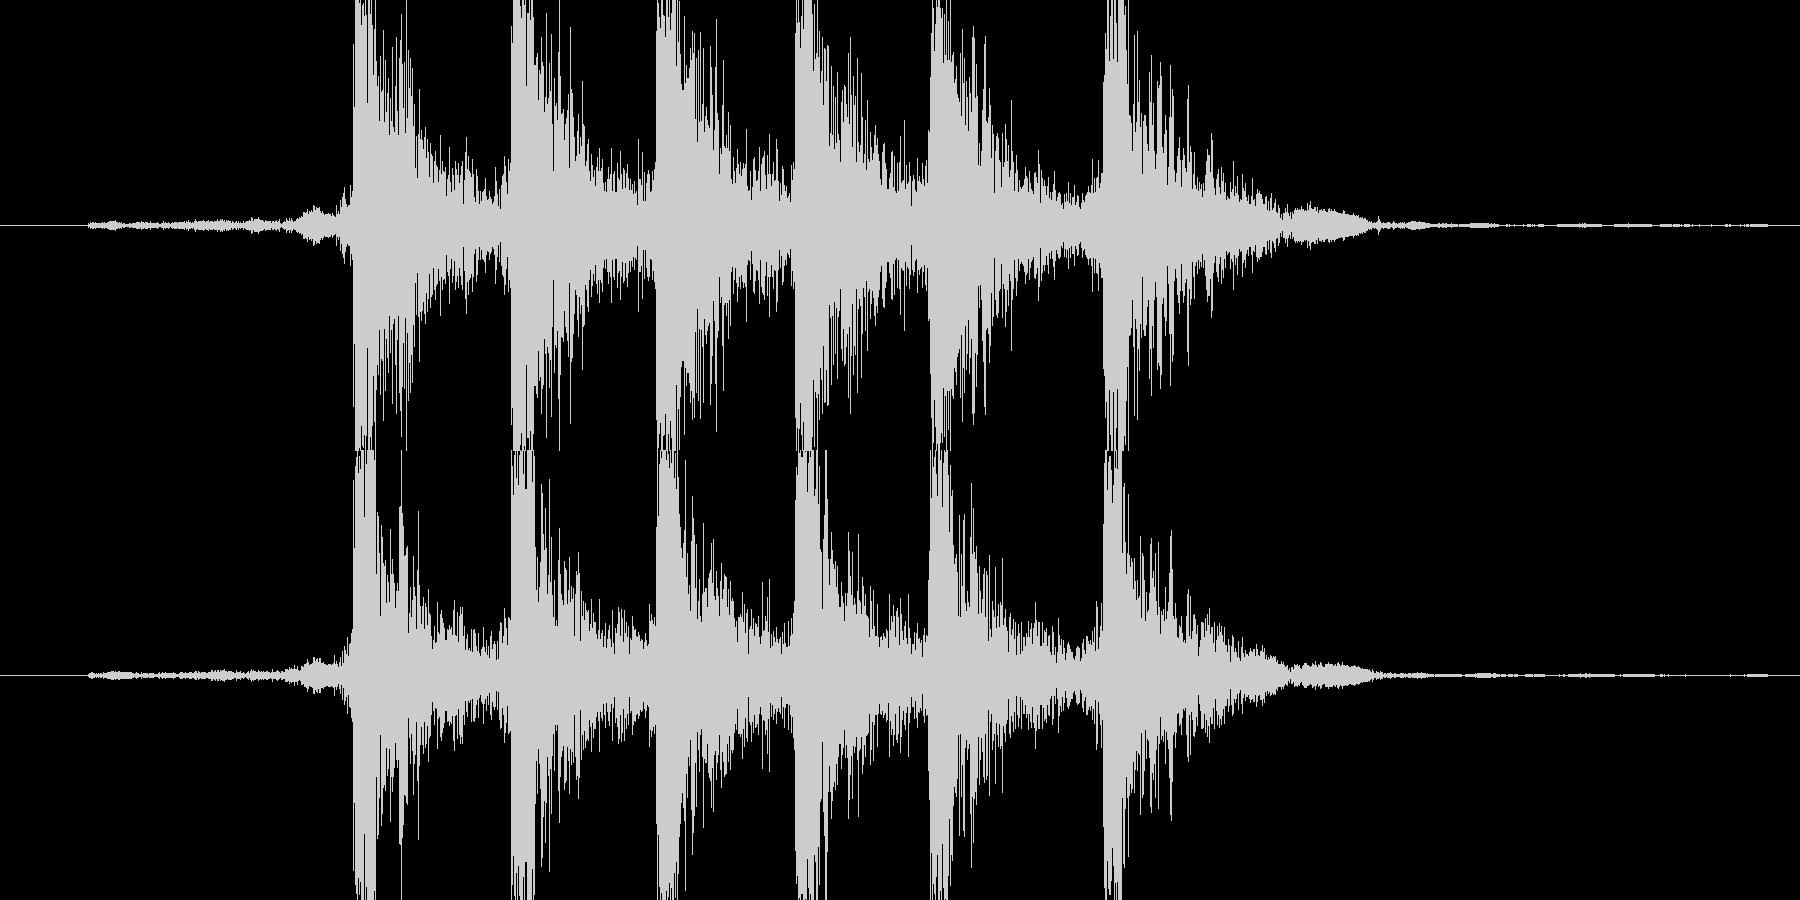 【機械/ロボット系005】ダダダ、カカカの未再生の波形